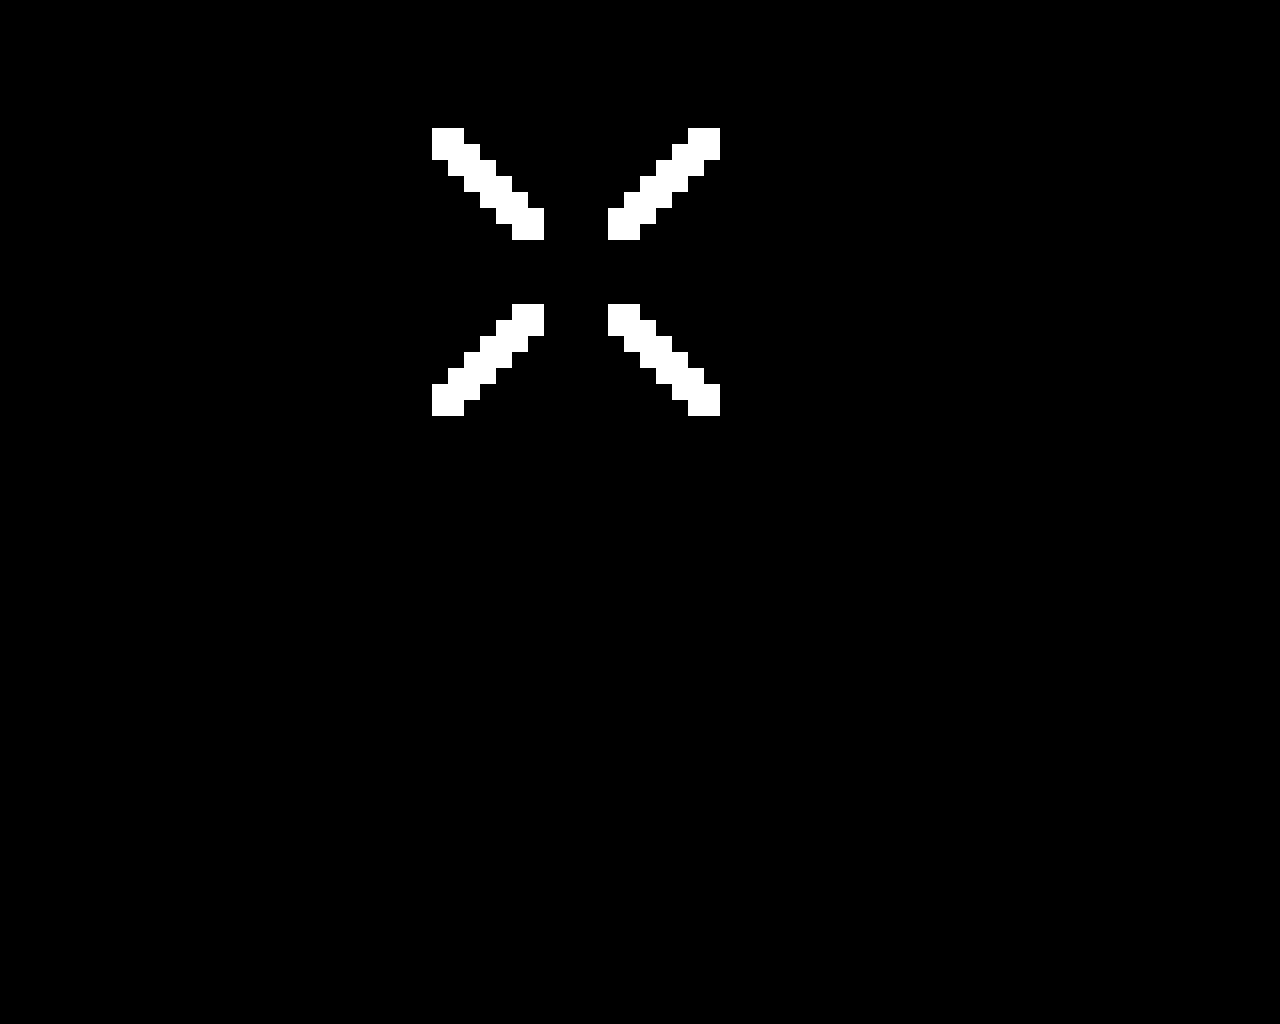 8 - Bit MLG Hitmarker